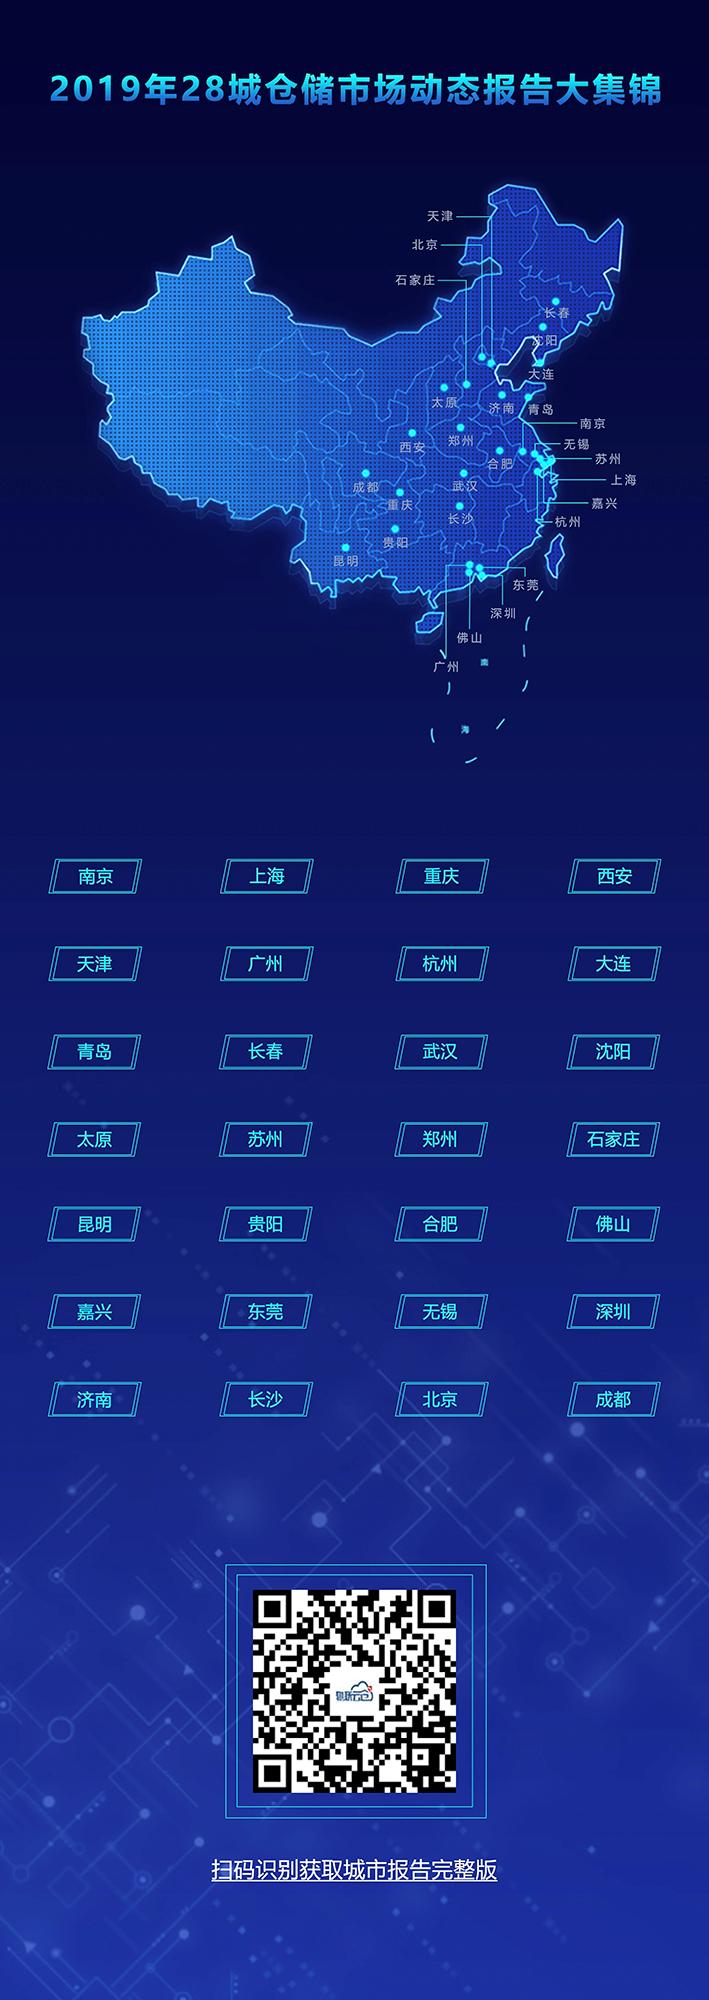 年终福袋!28城仓储市场报告大集锦,物联云仓助力把握市场新脉搏